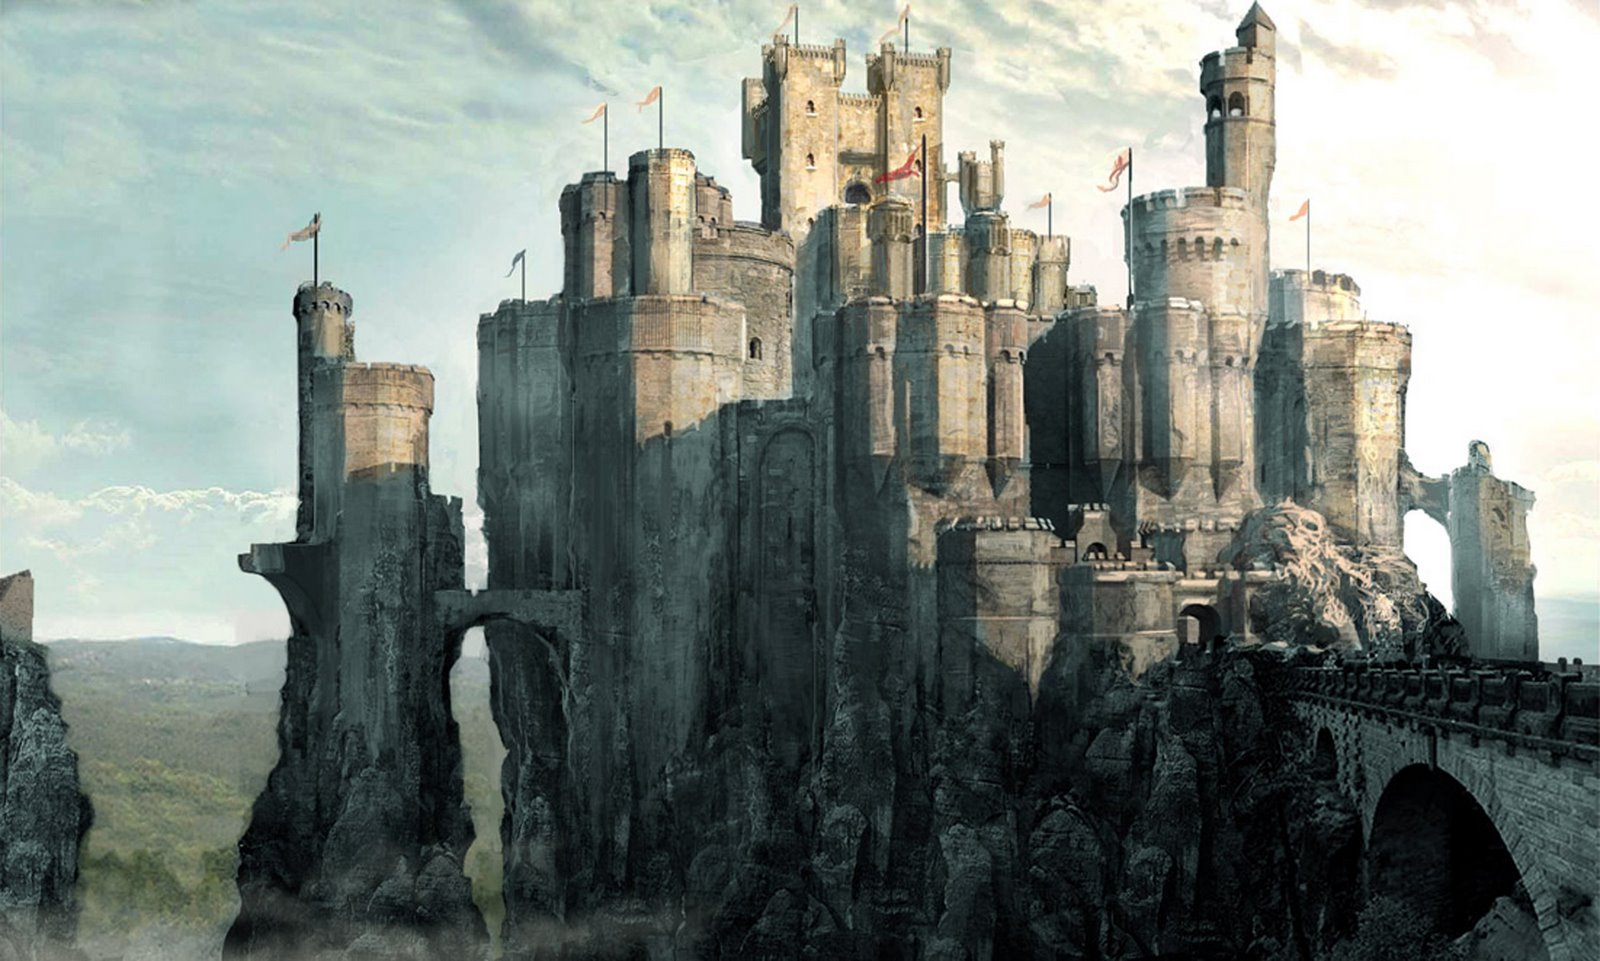 Prince Caspian Castle Prince Caspian Concept Art